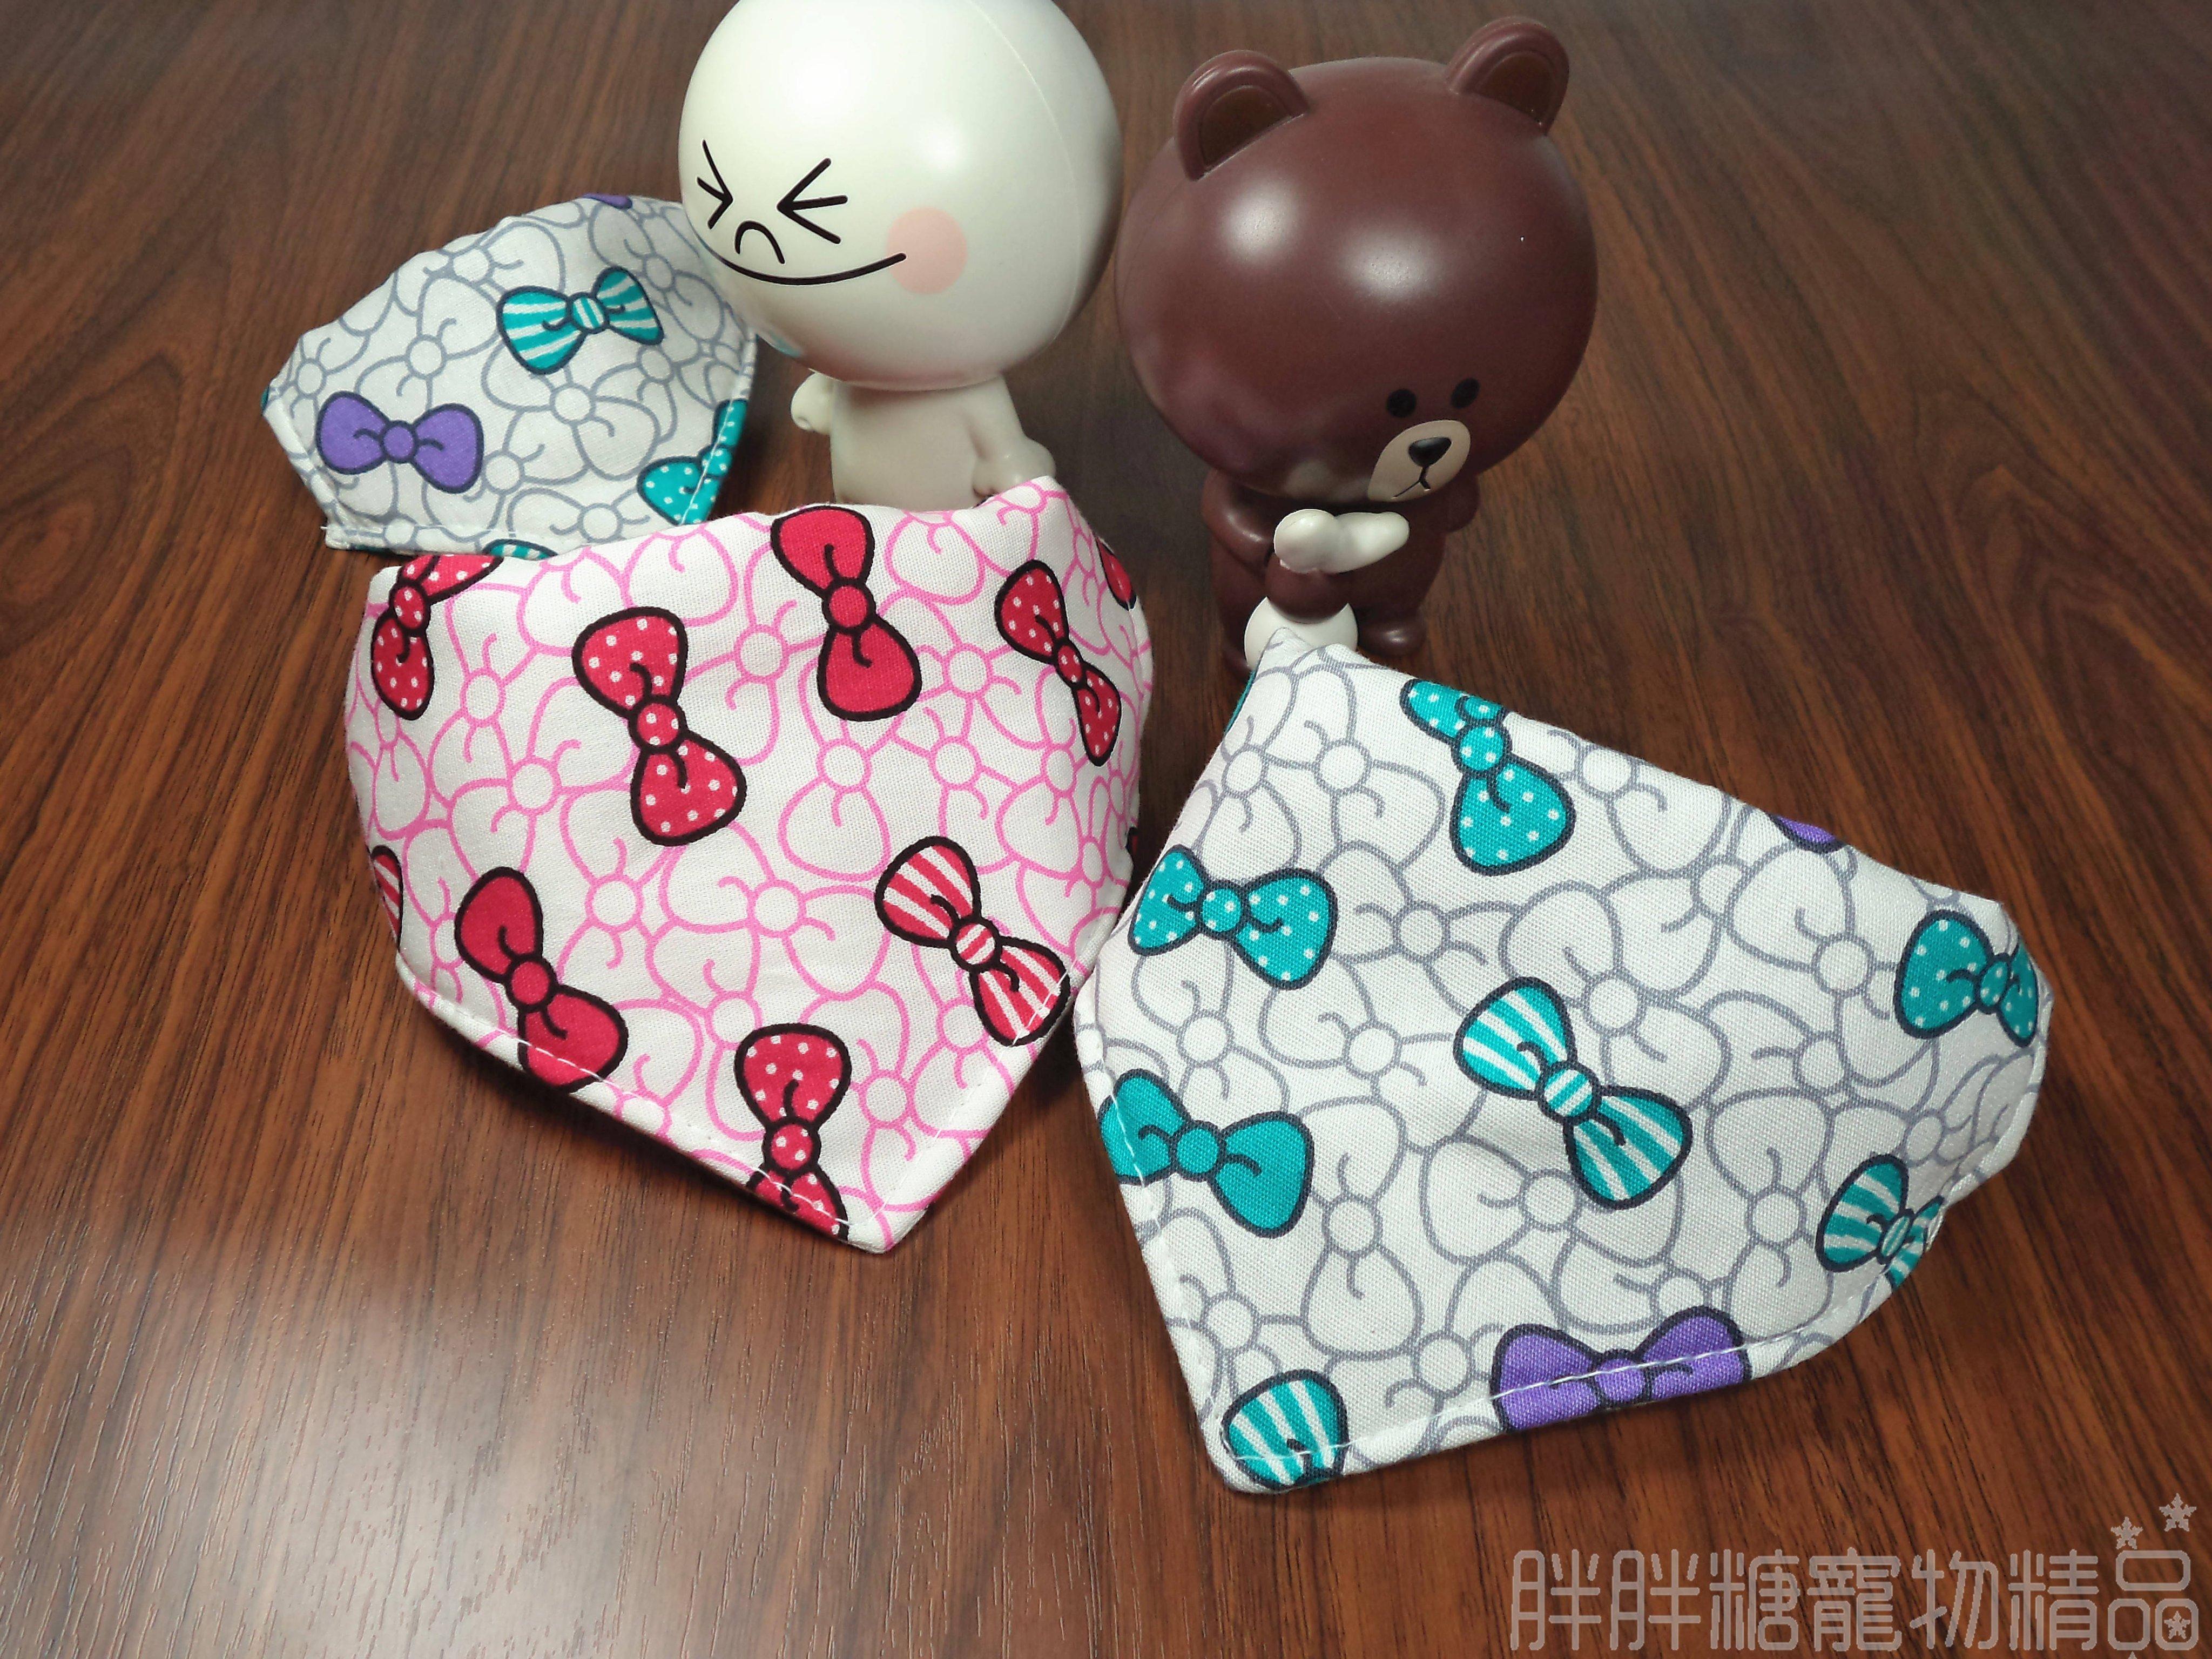 【胖胖糖】Kitty風領巾項圈(XS號)-寵物項圈 可伸縮 大中小型犬 頸圈 貓項圈 狗項圈